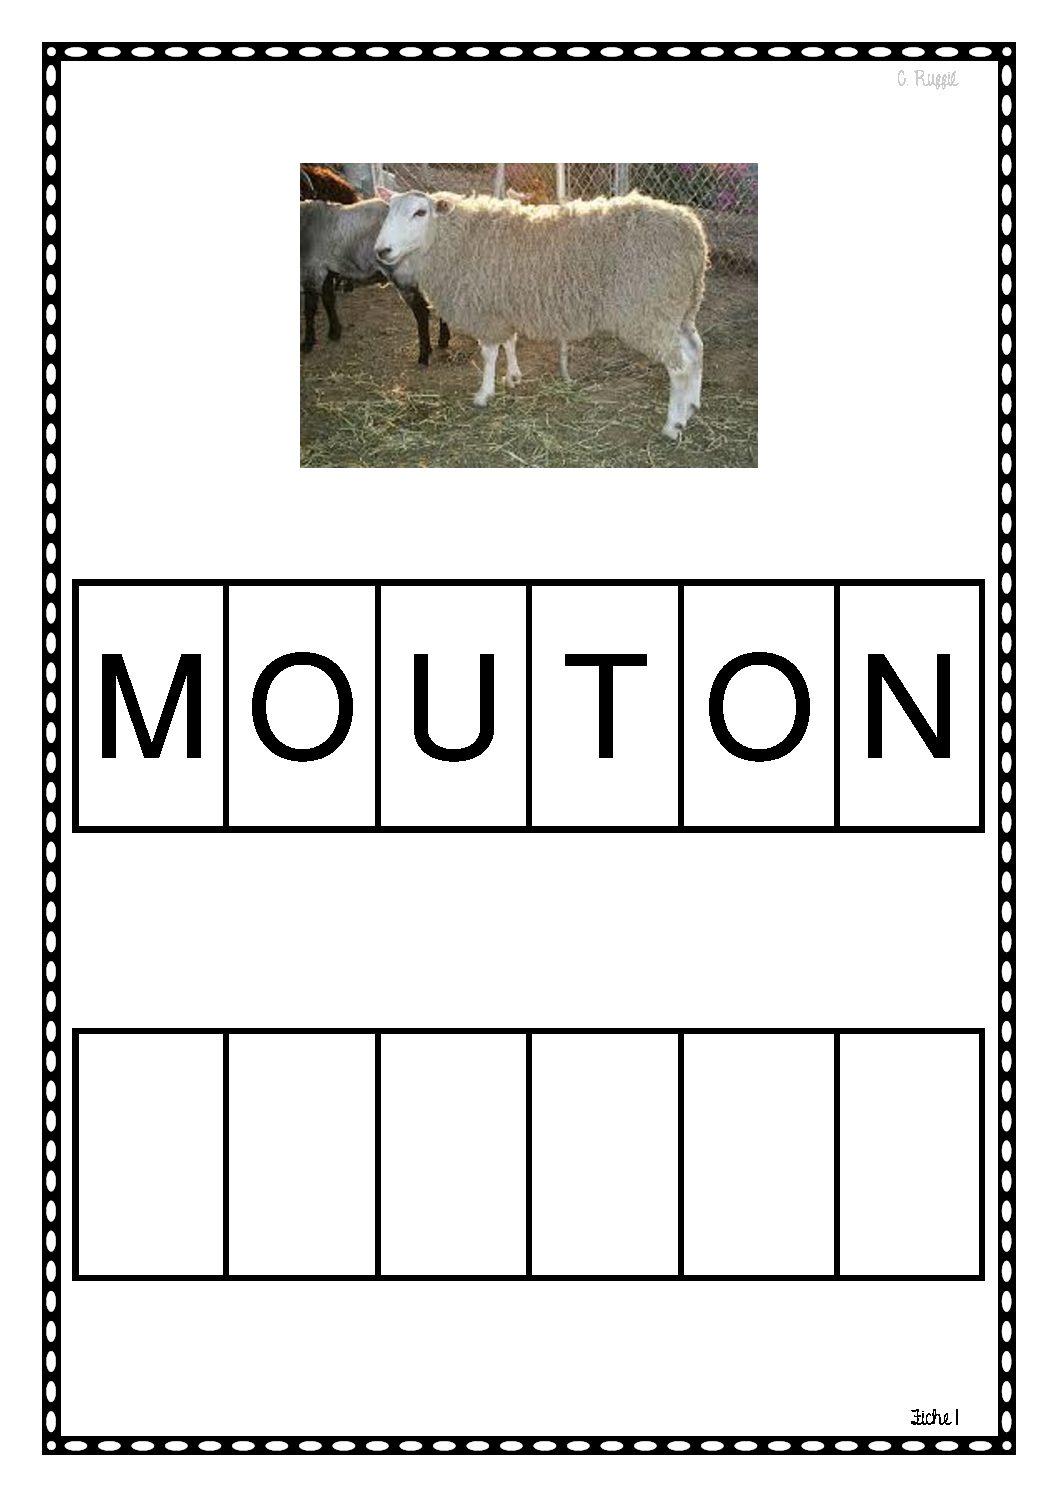 Découvrir l'écrit avec les animaux.